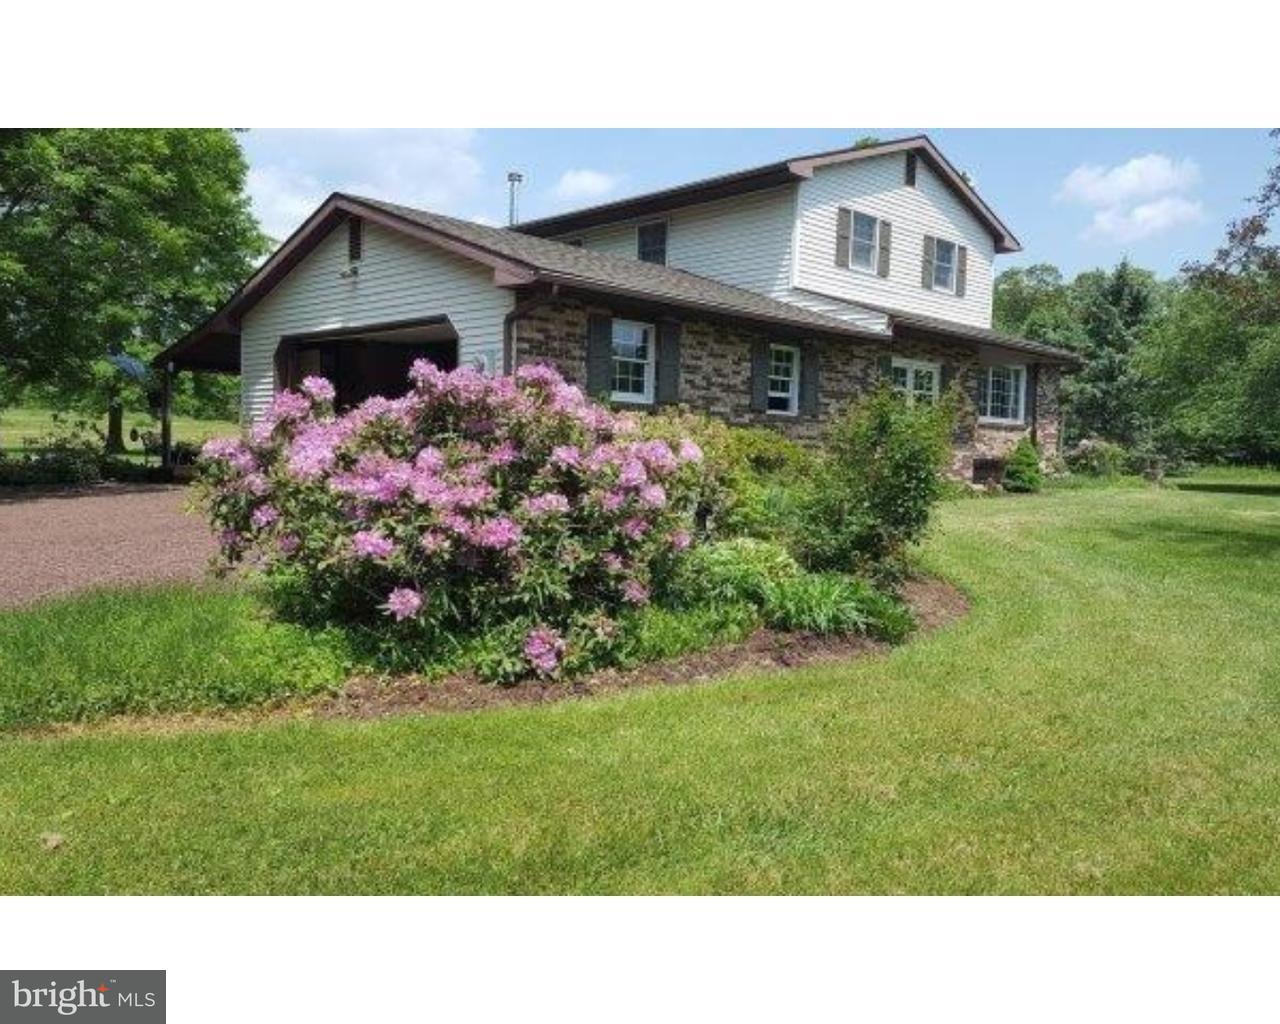 Maison unifamiliale pour l Vente à 1405 STATE Road Coopersburg, Pennsylvanie 18036 États-Unis